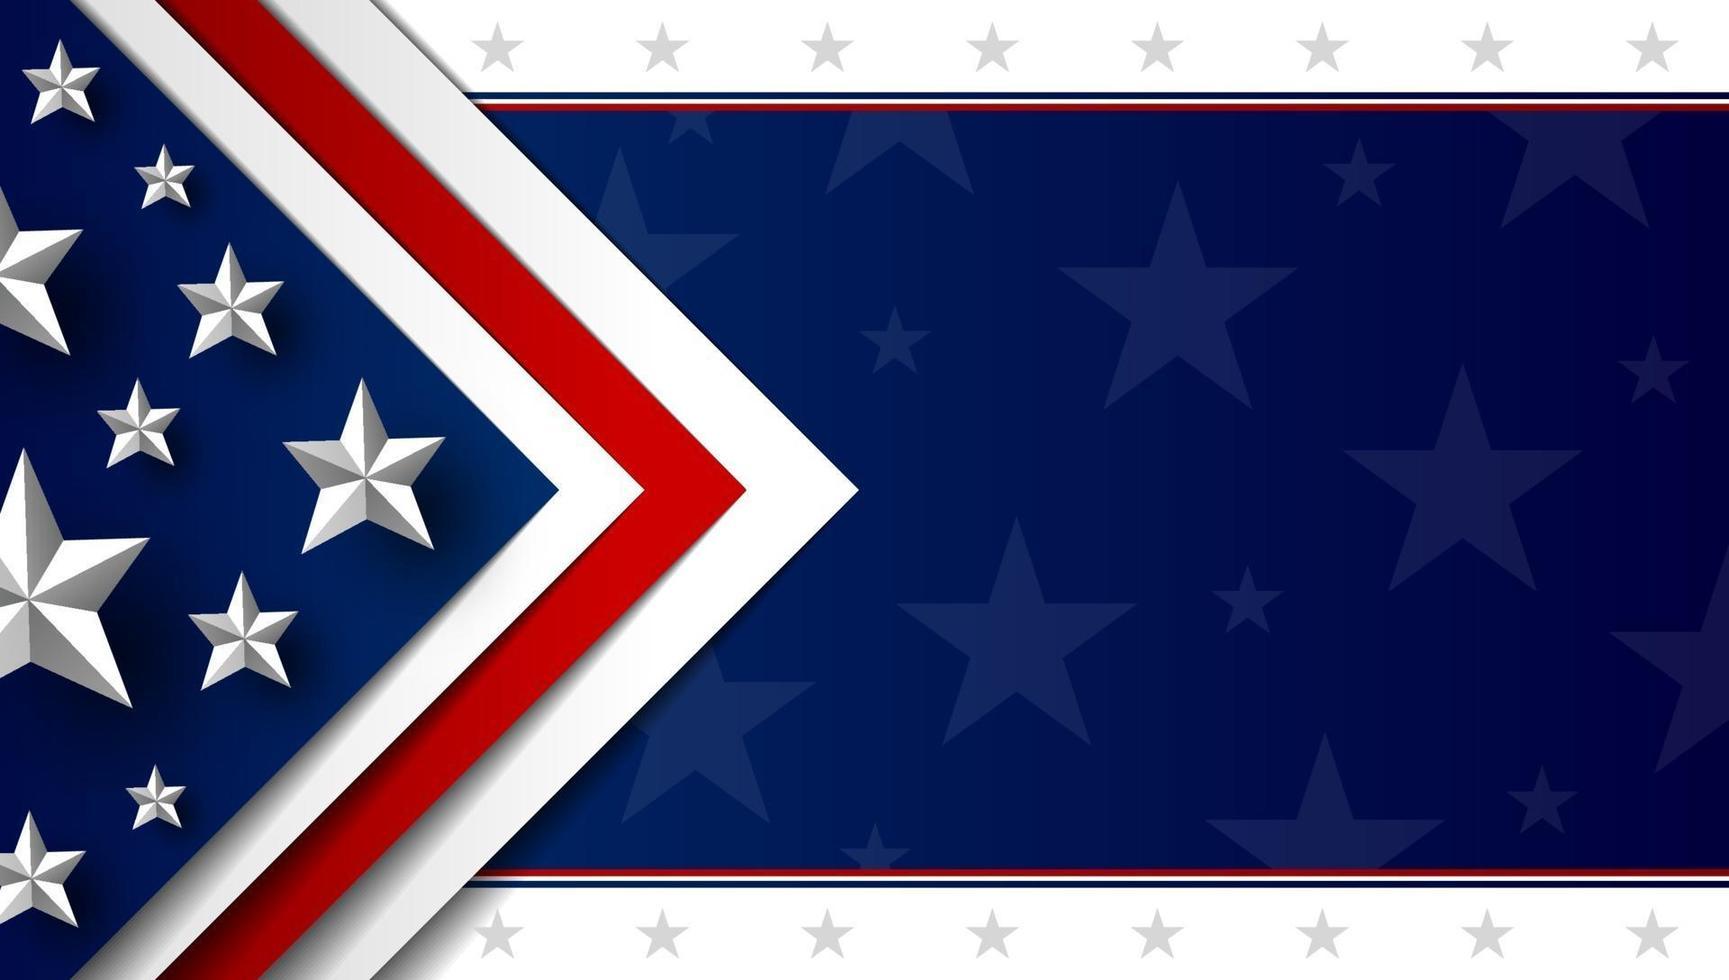 USA background design vector illustration